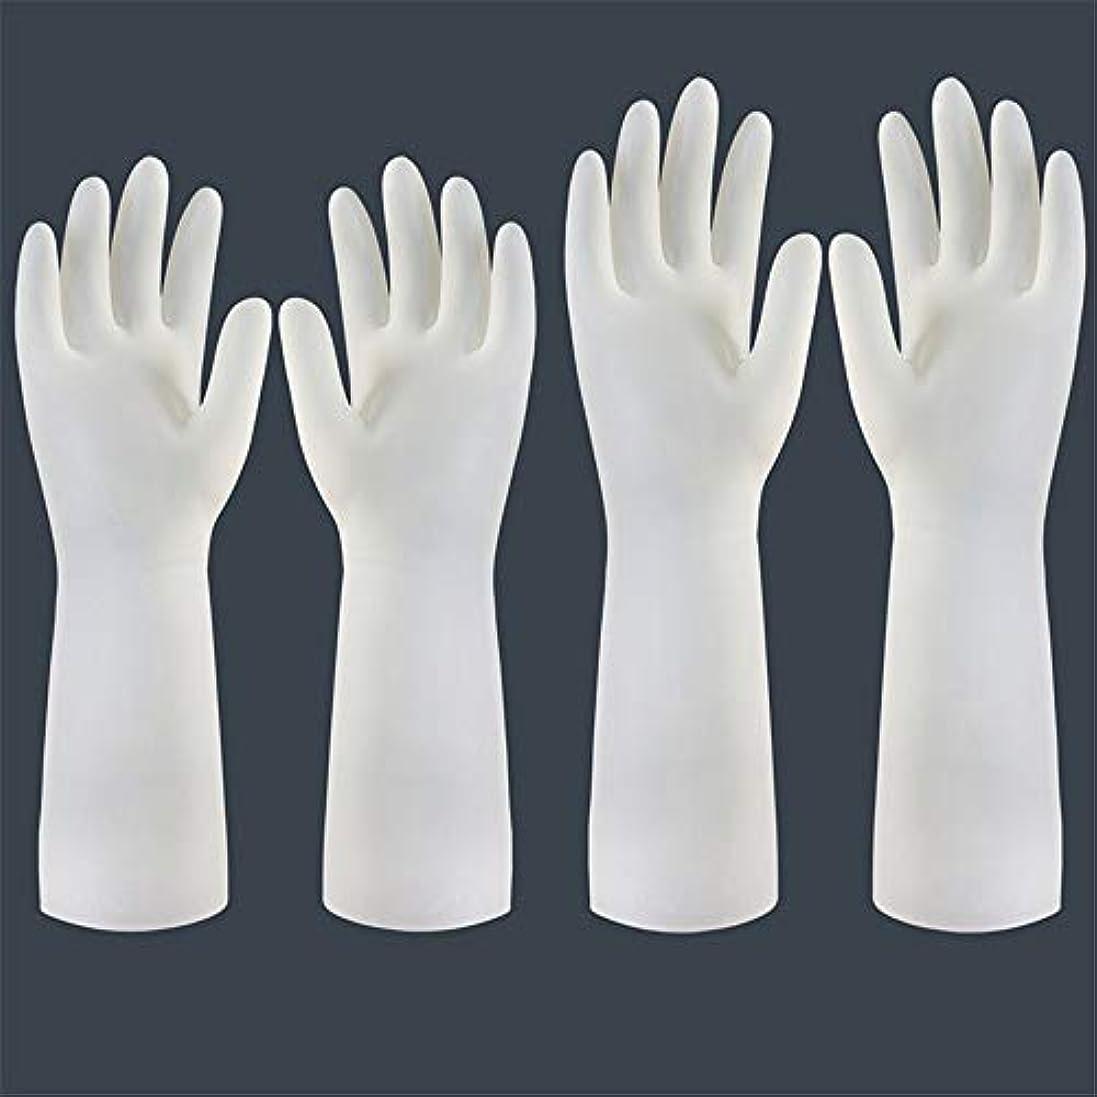 エキゾチックつば気をつけてニトリルゴム手袋 使い捨て手袋の防水および耐久のゴム製台所手袋、小/中/大 使い捨て手袋 (Color : Short+long, Size : M)